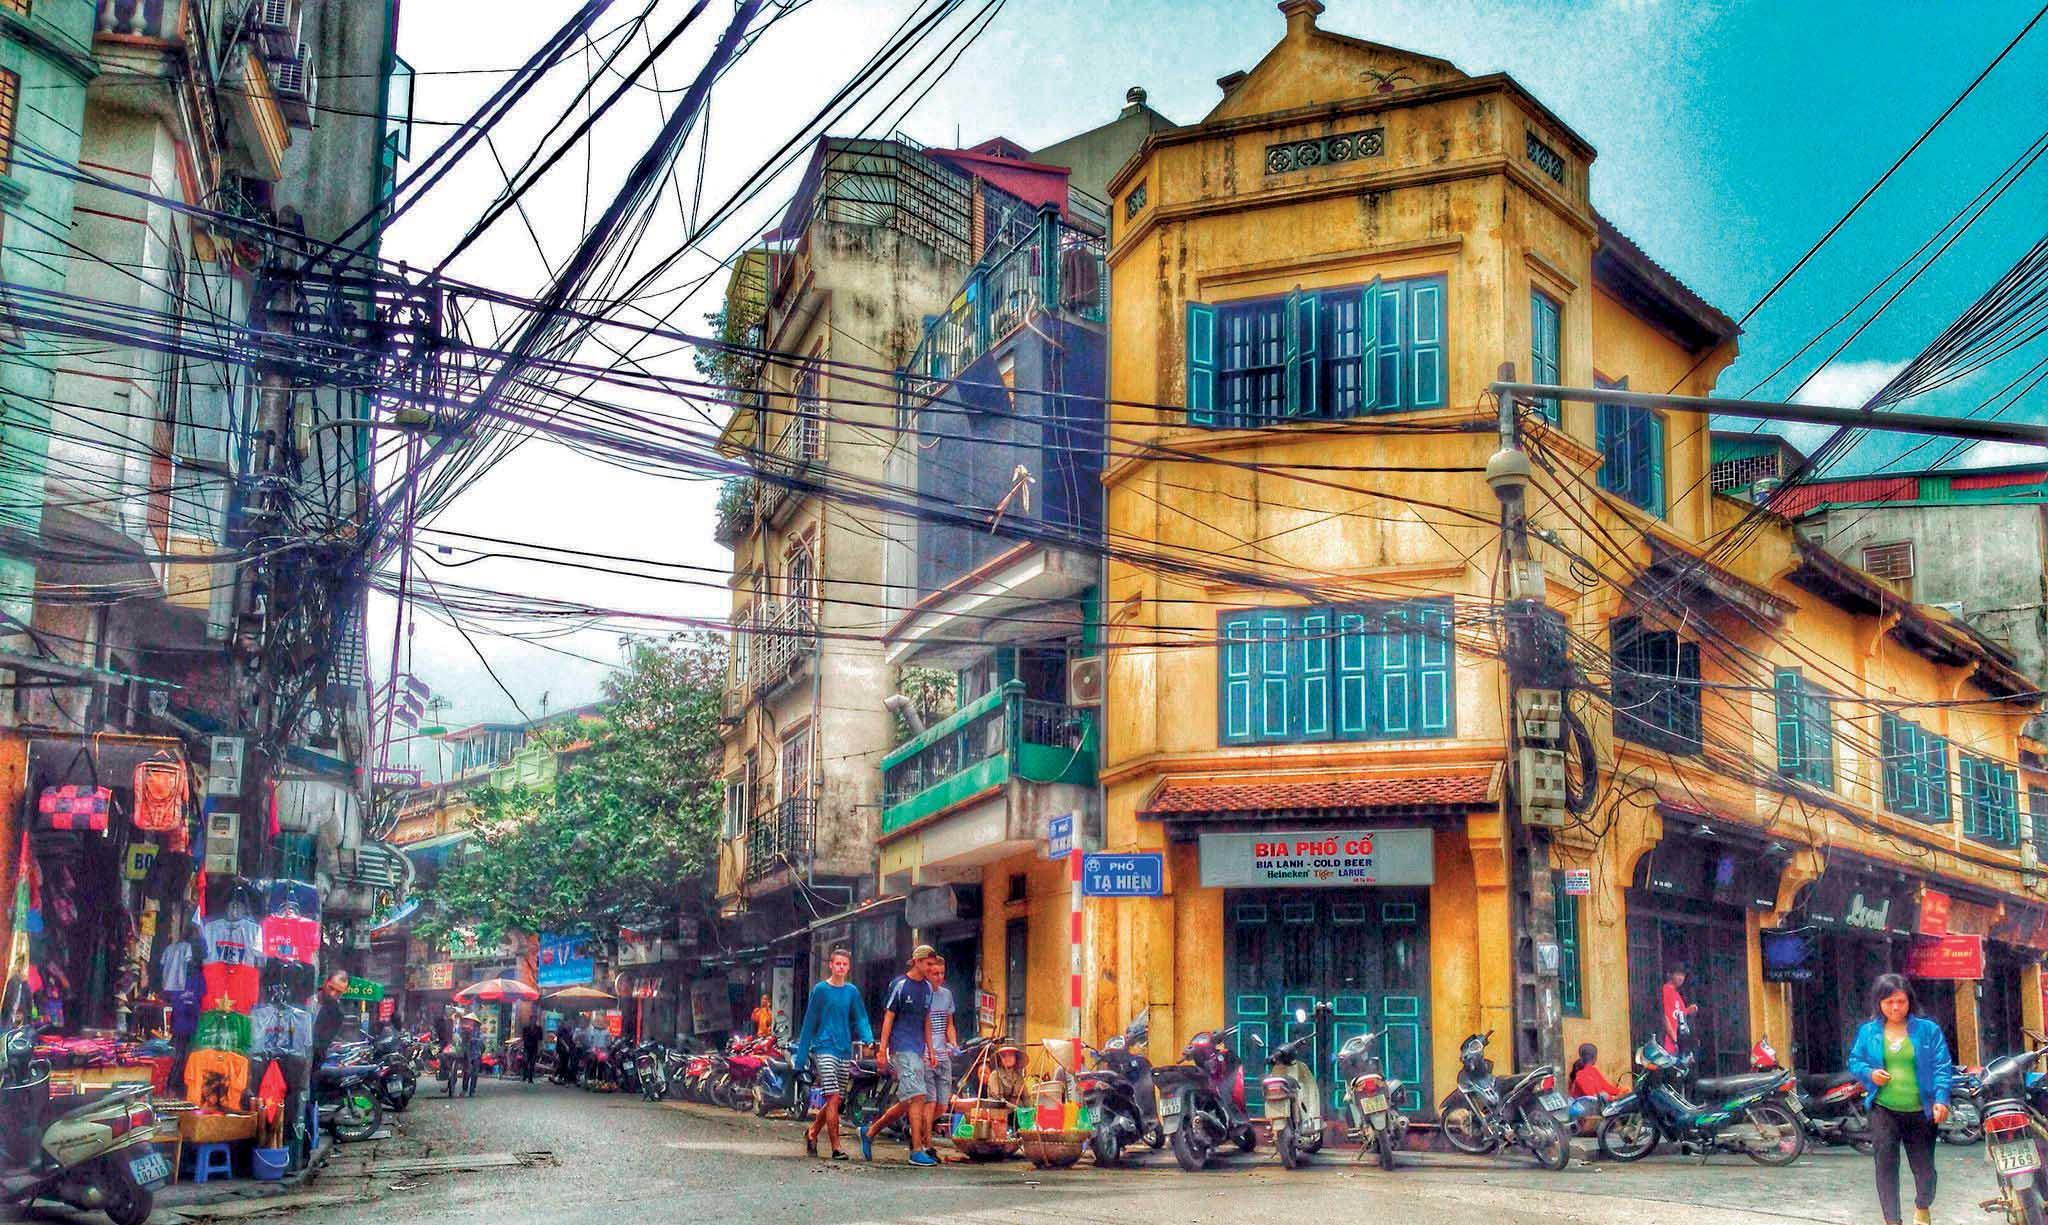 """Thâm nhập những địa điểm vui chơi """"ngầm"""" ở Việt Nam và trên thế giới"""